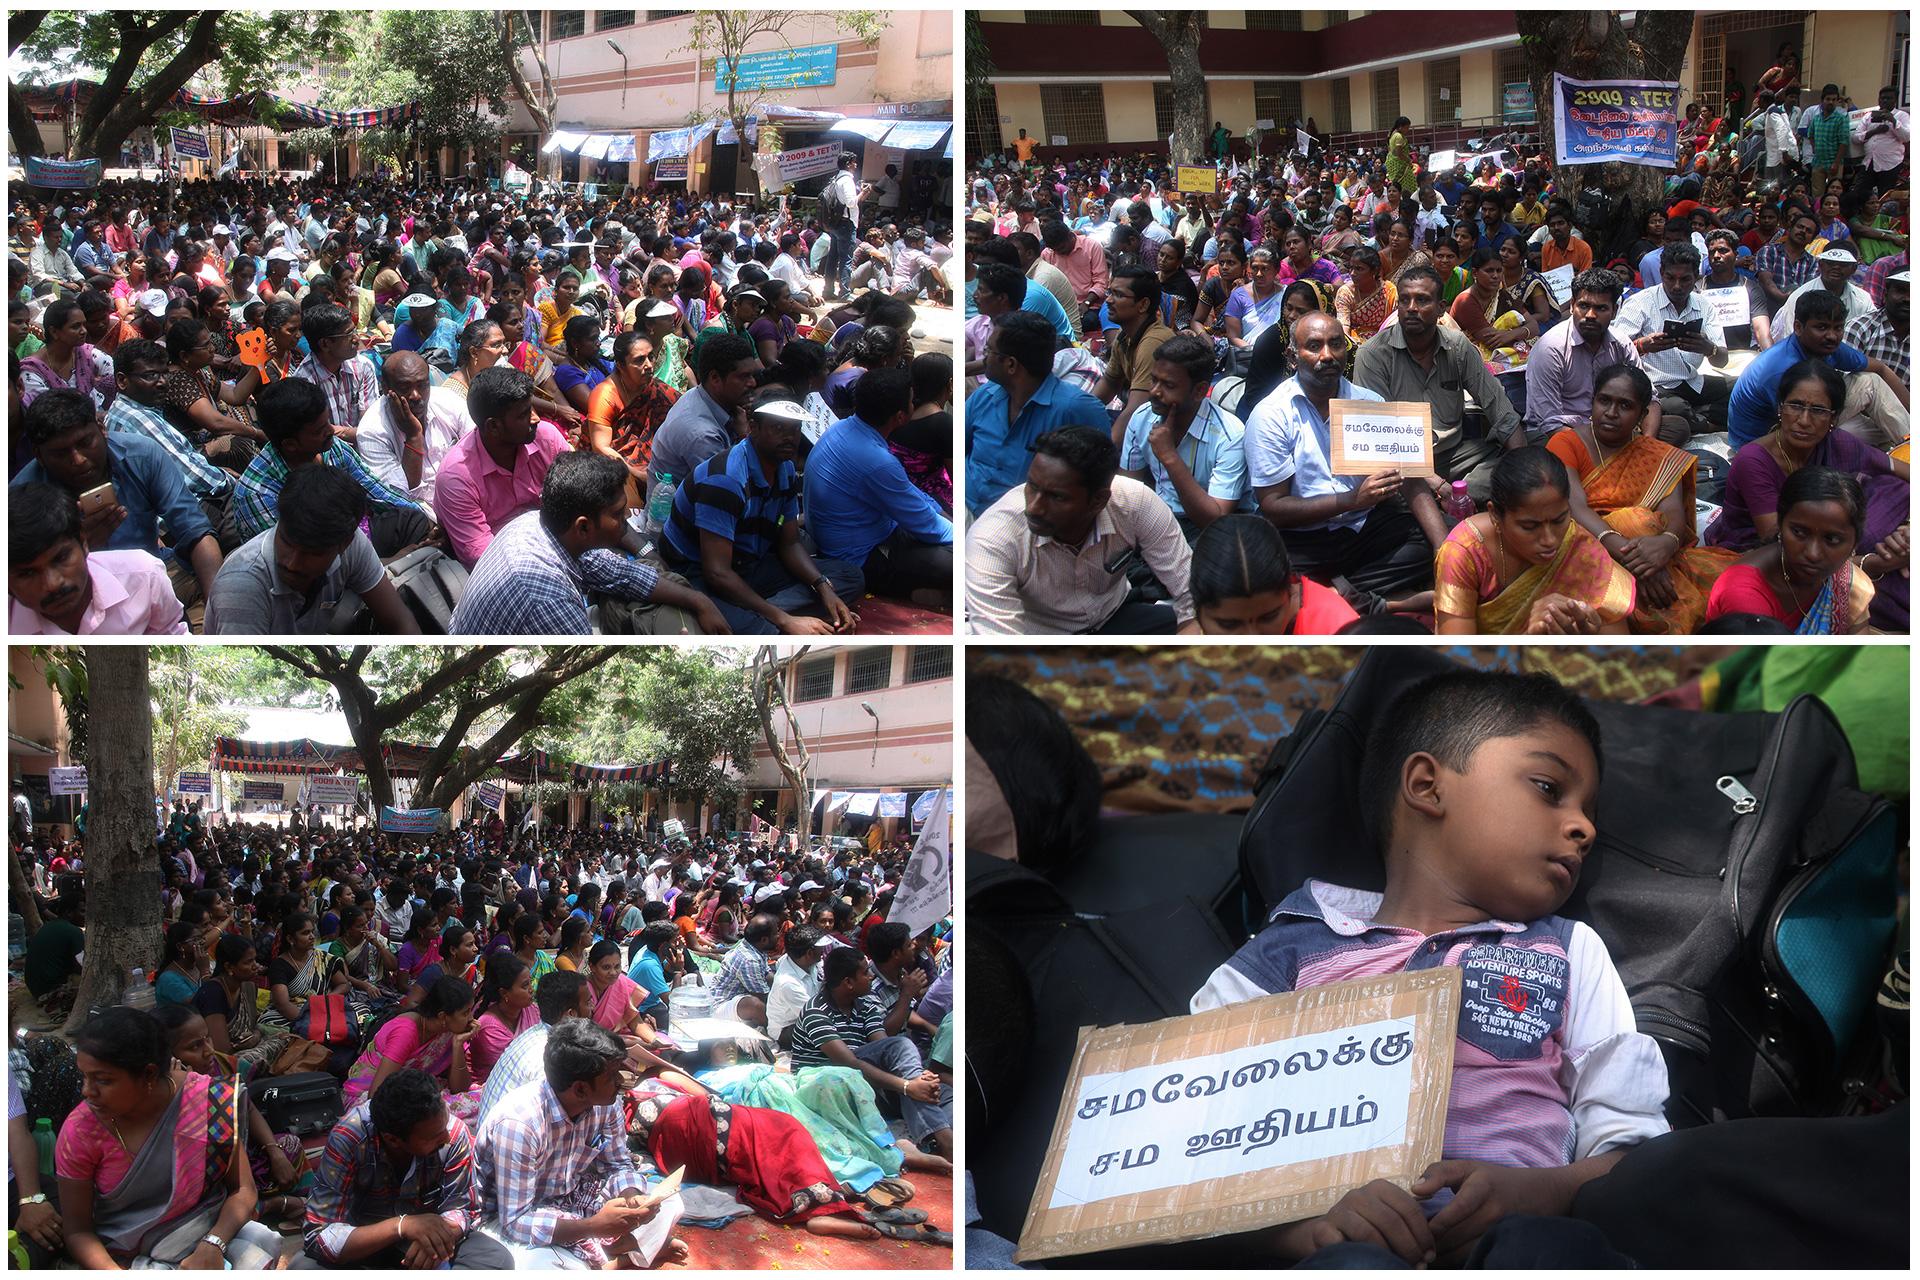 ஊதிய முரண்பாடுகளைக் களையக்கோரி இடைநிலை ஆசிரியர்கள் தொடர் போராட்டம் – சீமான் நேரில் ஆதரவு TET Secondary Teachers Protest Equal Pay For Equal Post Chennai Seeman Support